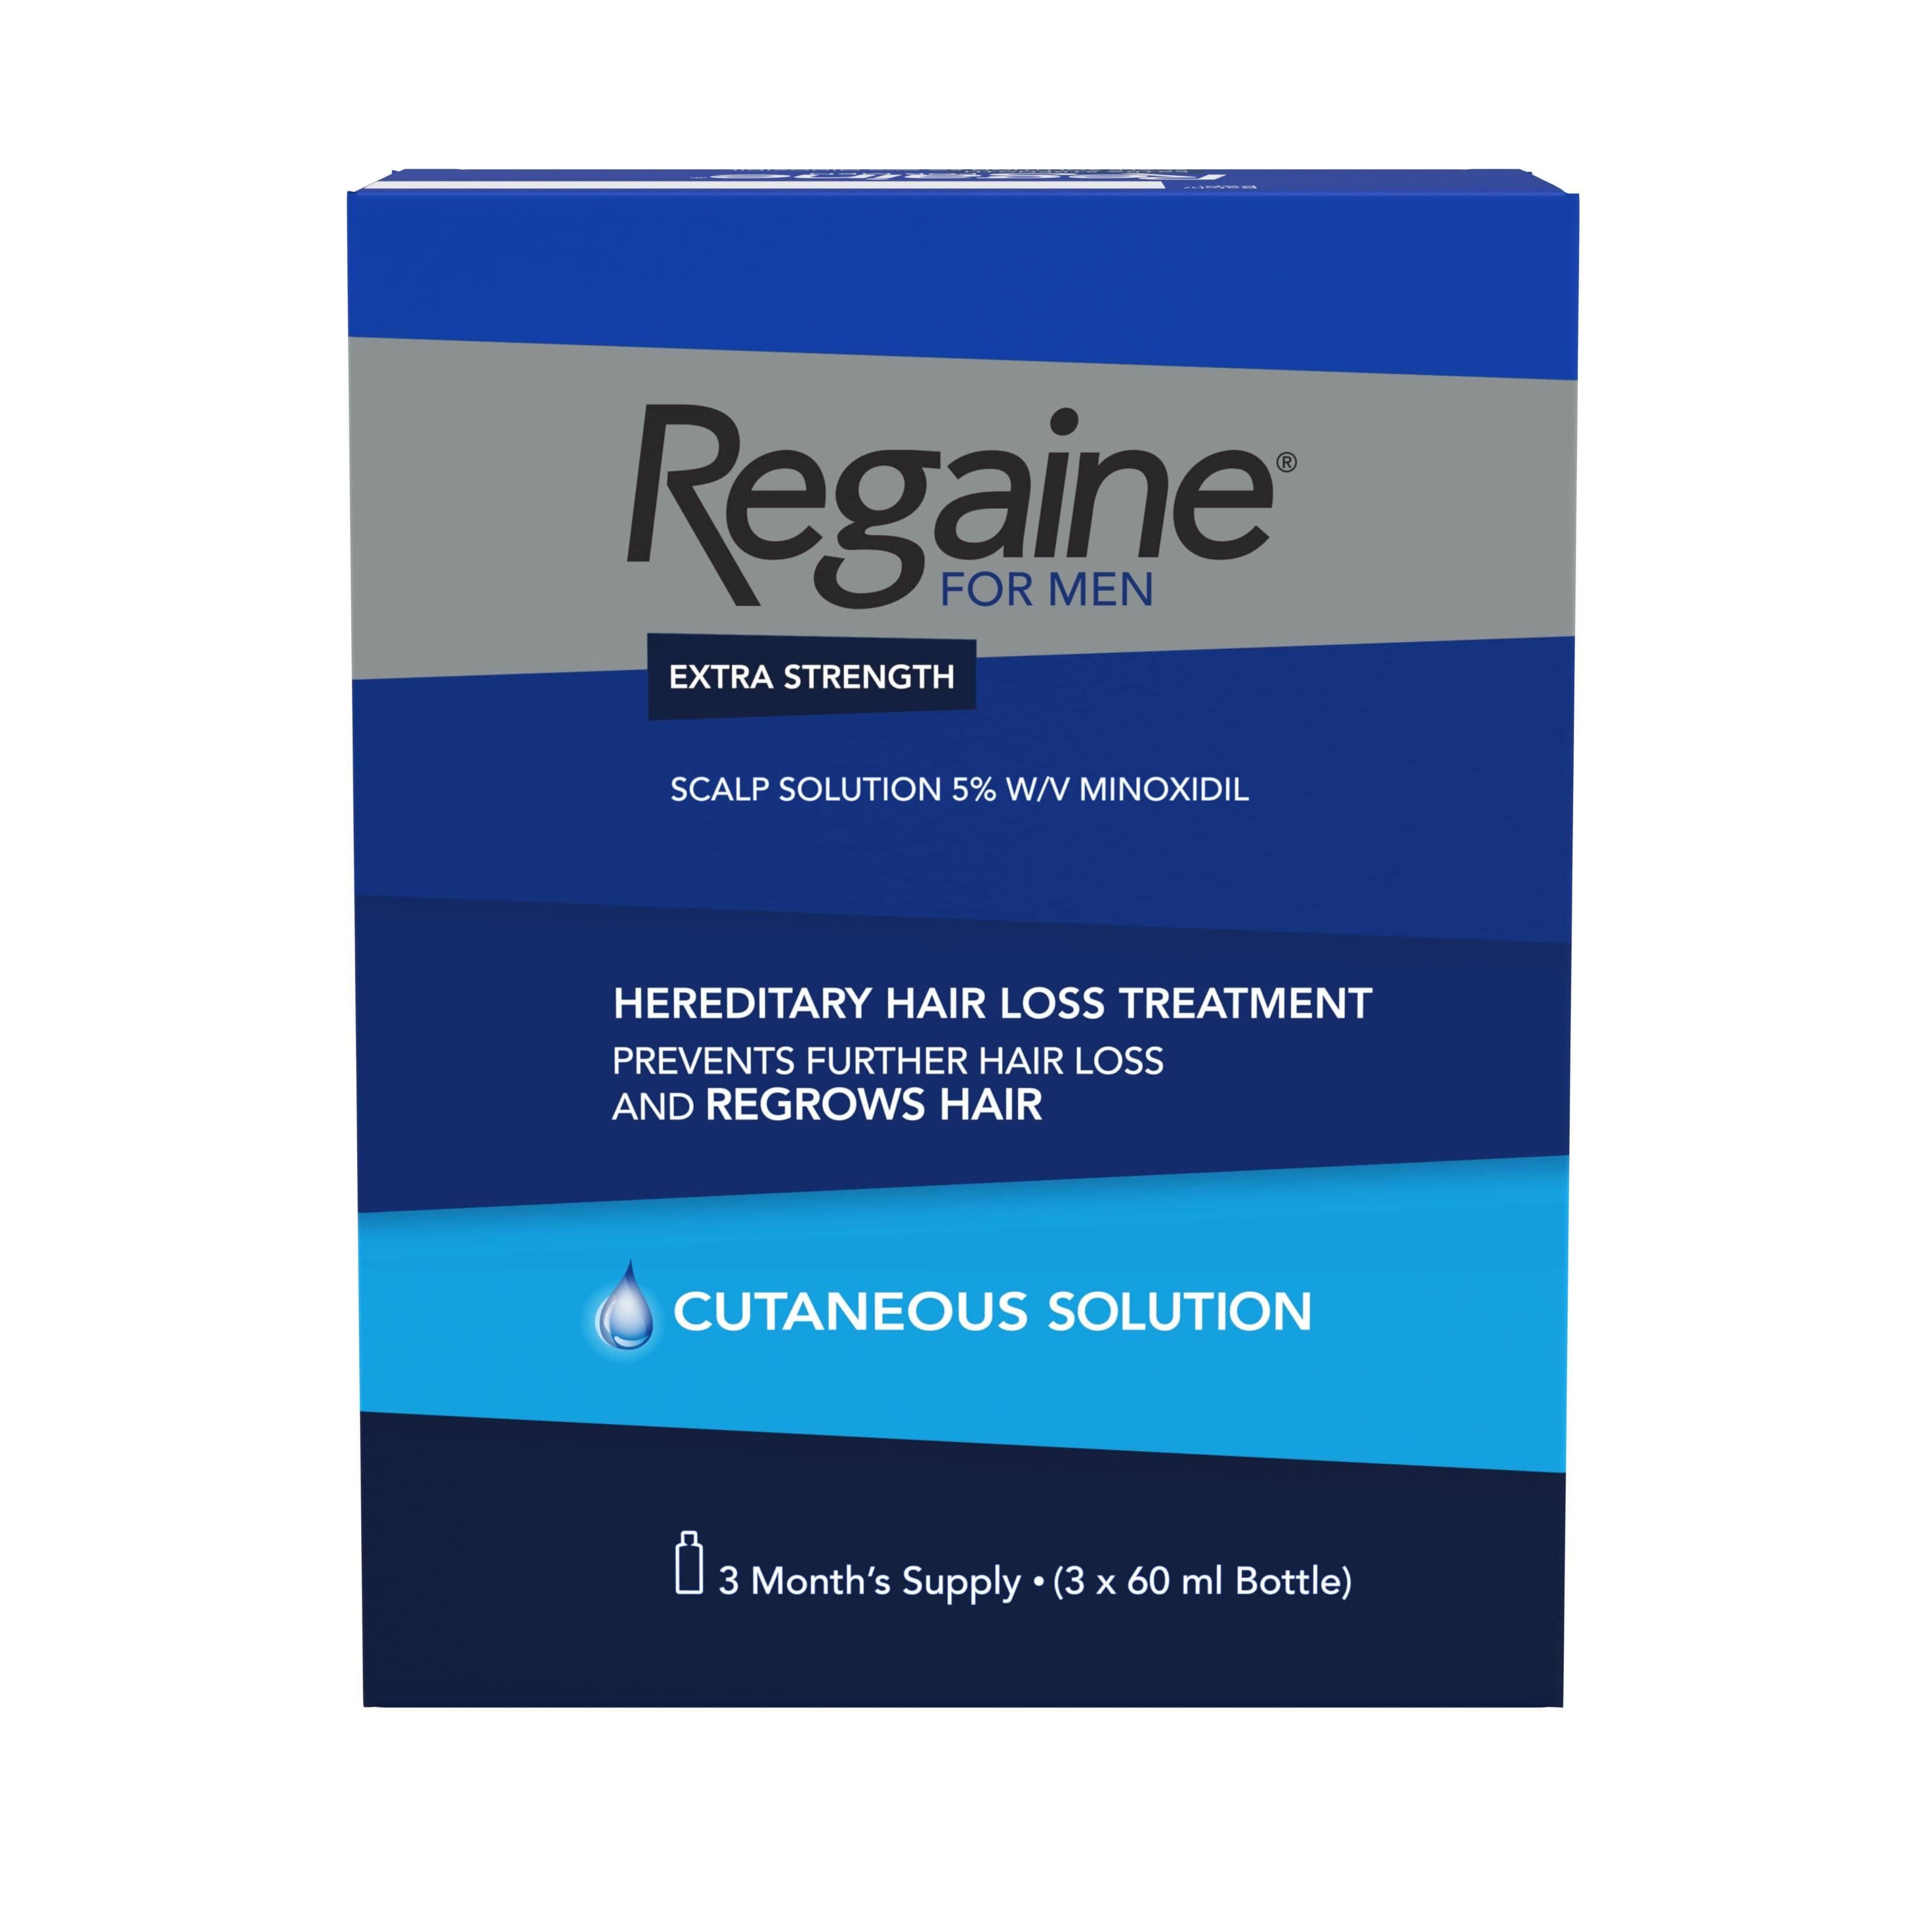 REGAINE® FOR MEN